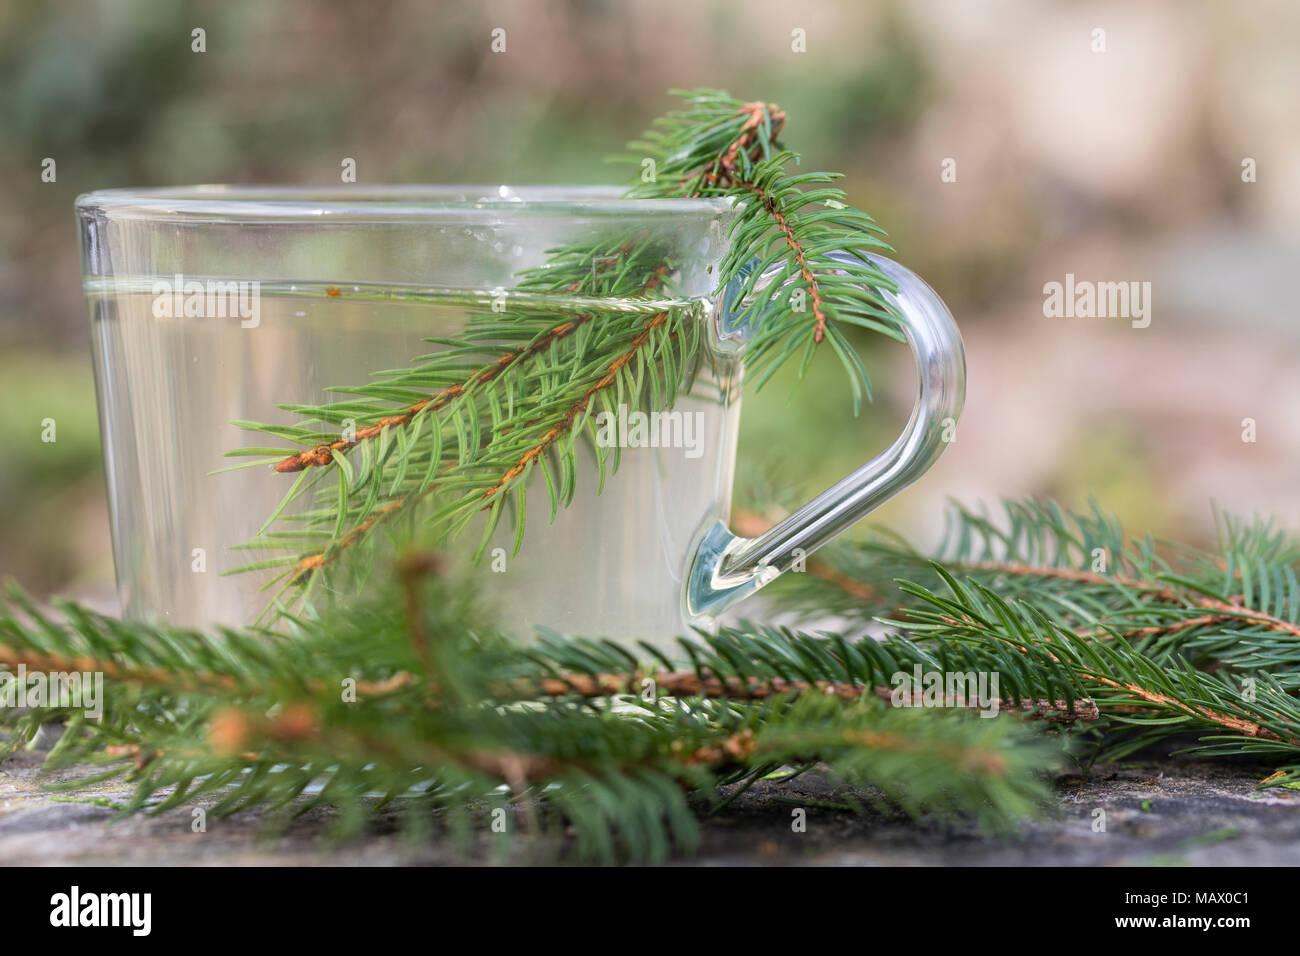 Fichtennadel-Tee, Fichtennadeltee, Fichten-Tee, Fichtentee, Tee aus Fichtennadeln, Heiltee, Kräutertee, Erkältungstee, spruce needle, spruce needles,  - Stock Image